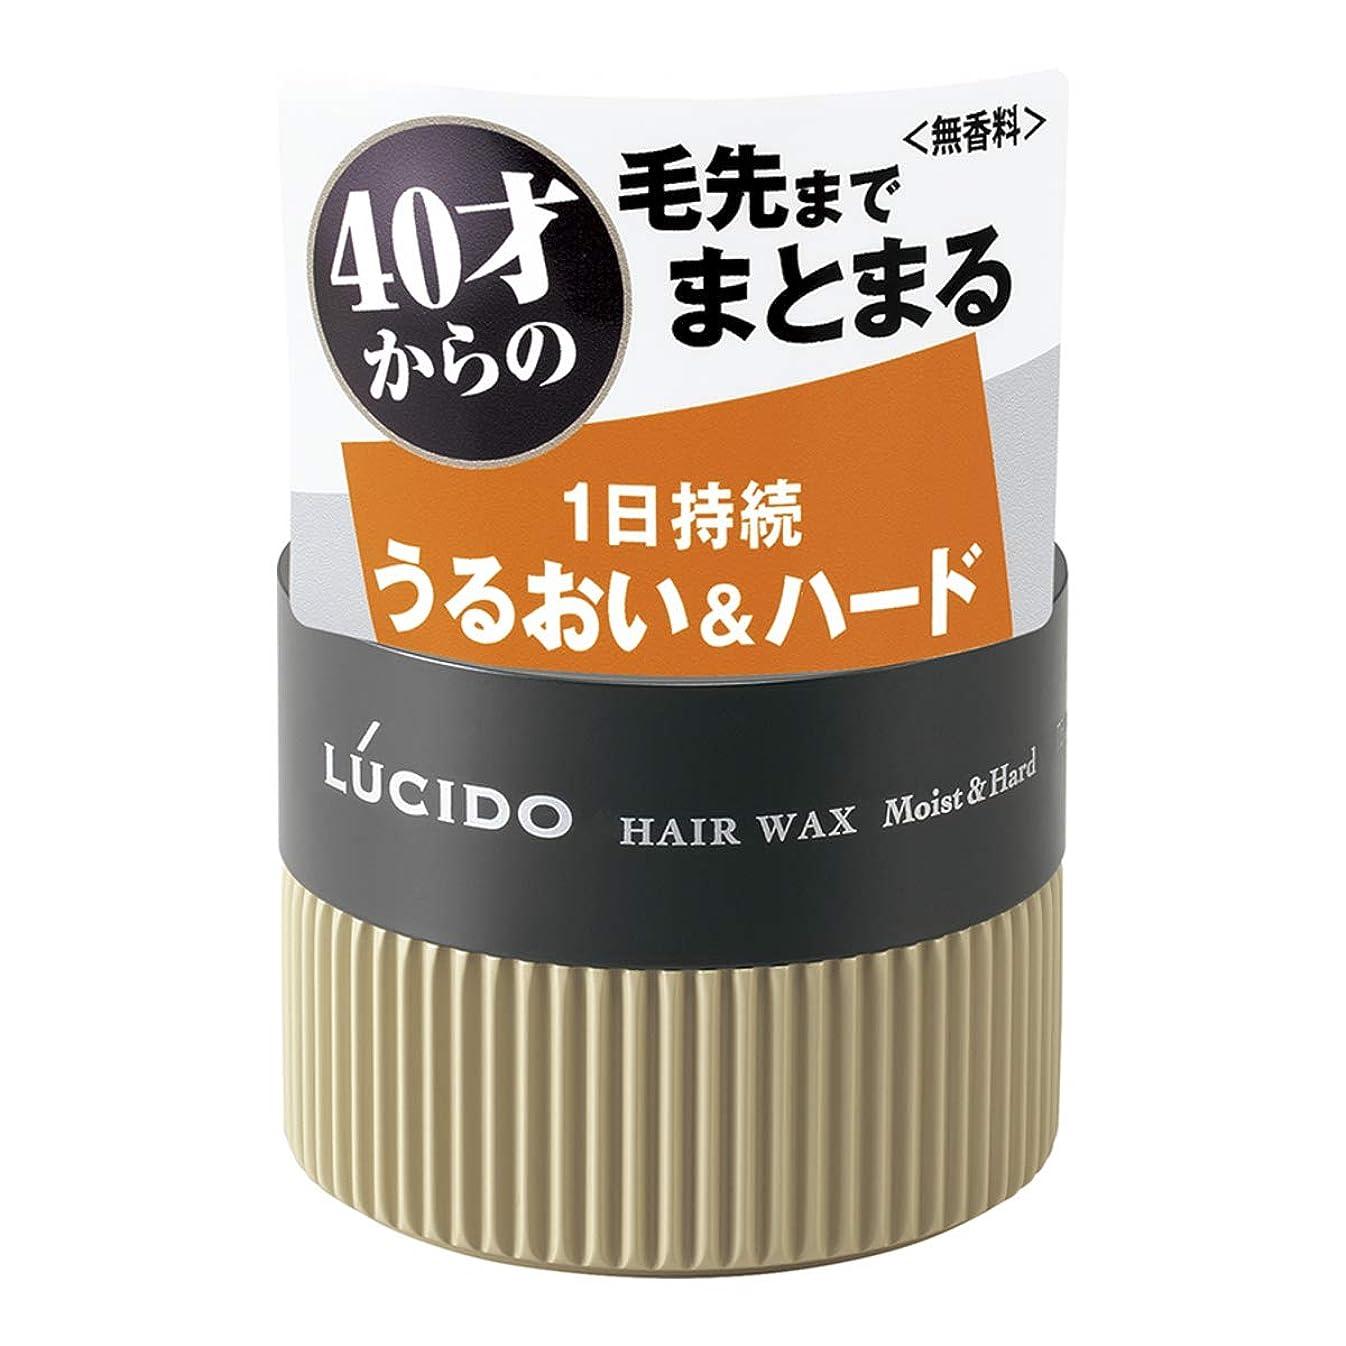 極めて量で野菜LUCIDO(ルシード) ヘアワックス まとまり&ハード 80g